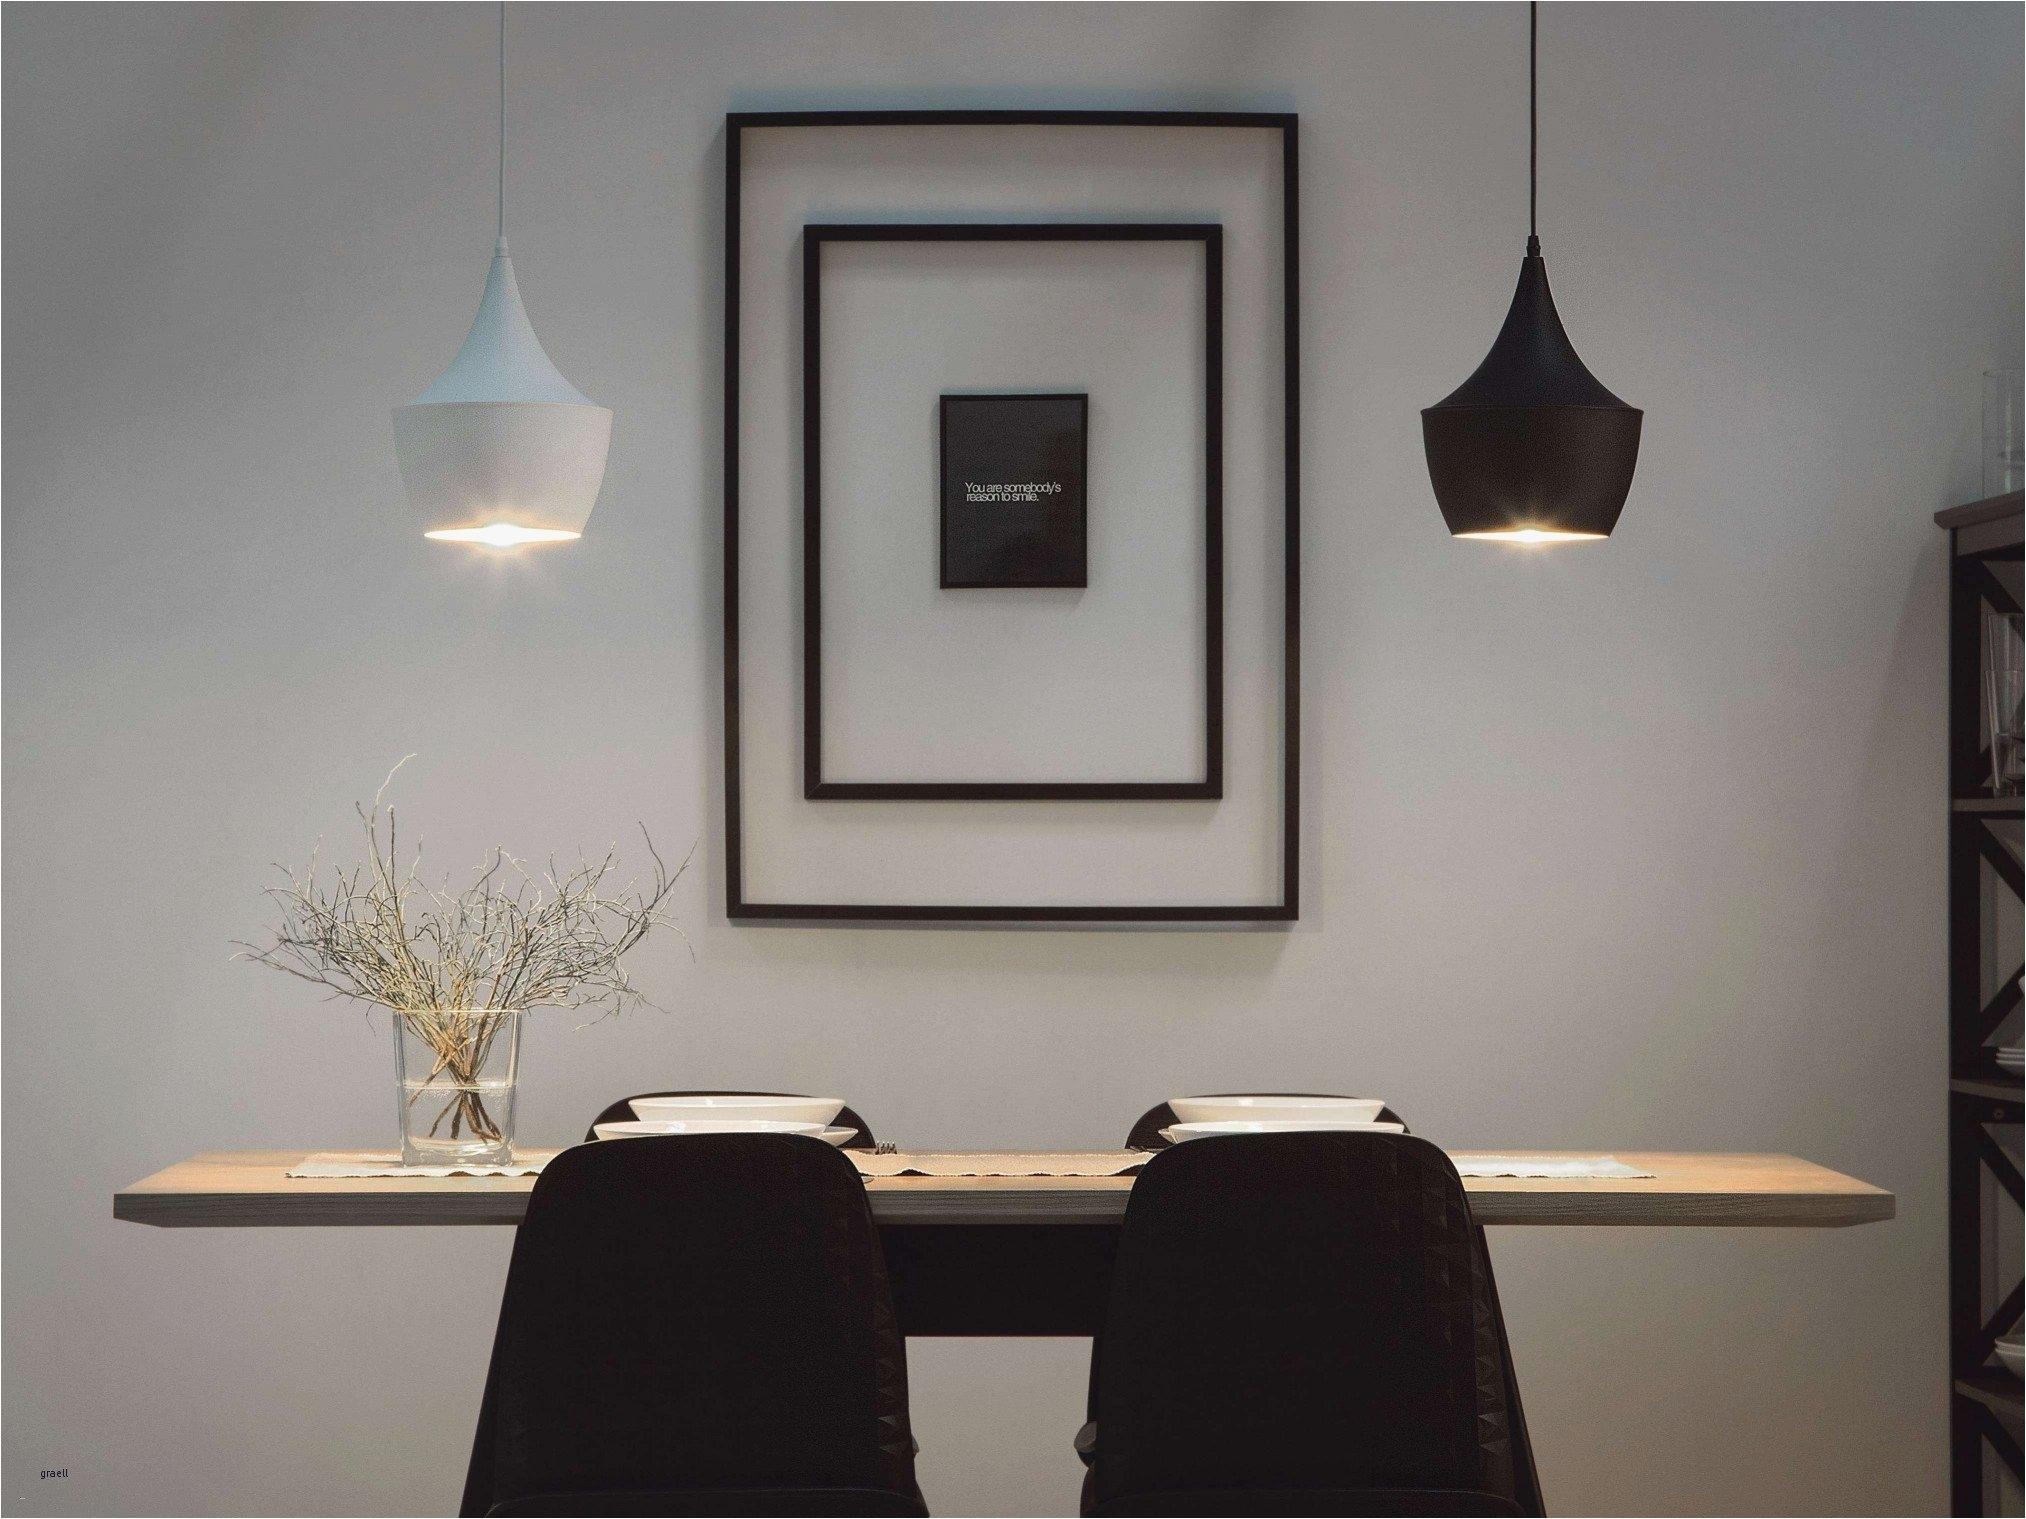 ikea wall lighting fixtures moderne schlafzimmer lampe elegant scha¶n deckenlampe 0d a· outdoor wall light